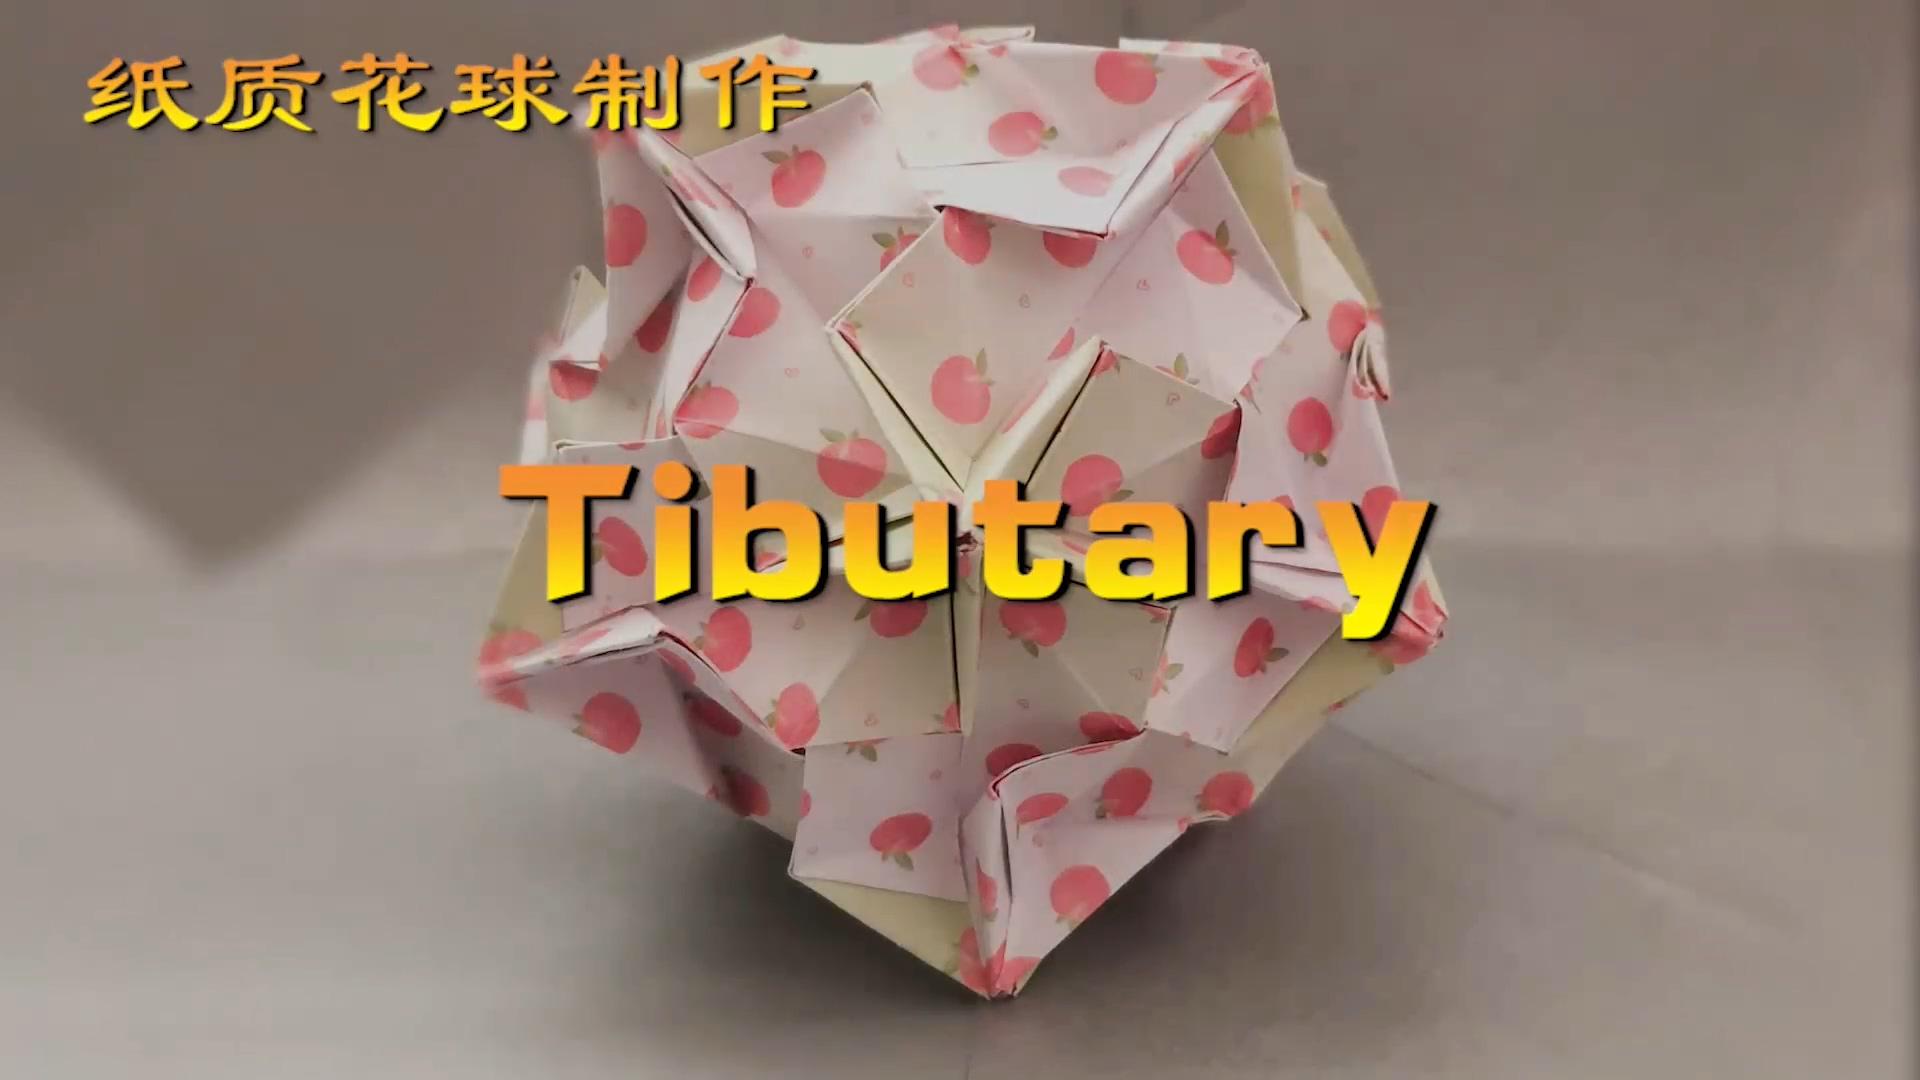 神奇海螺的花球教程34 Tibutary